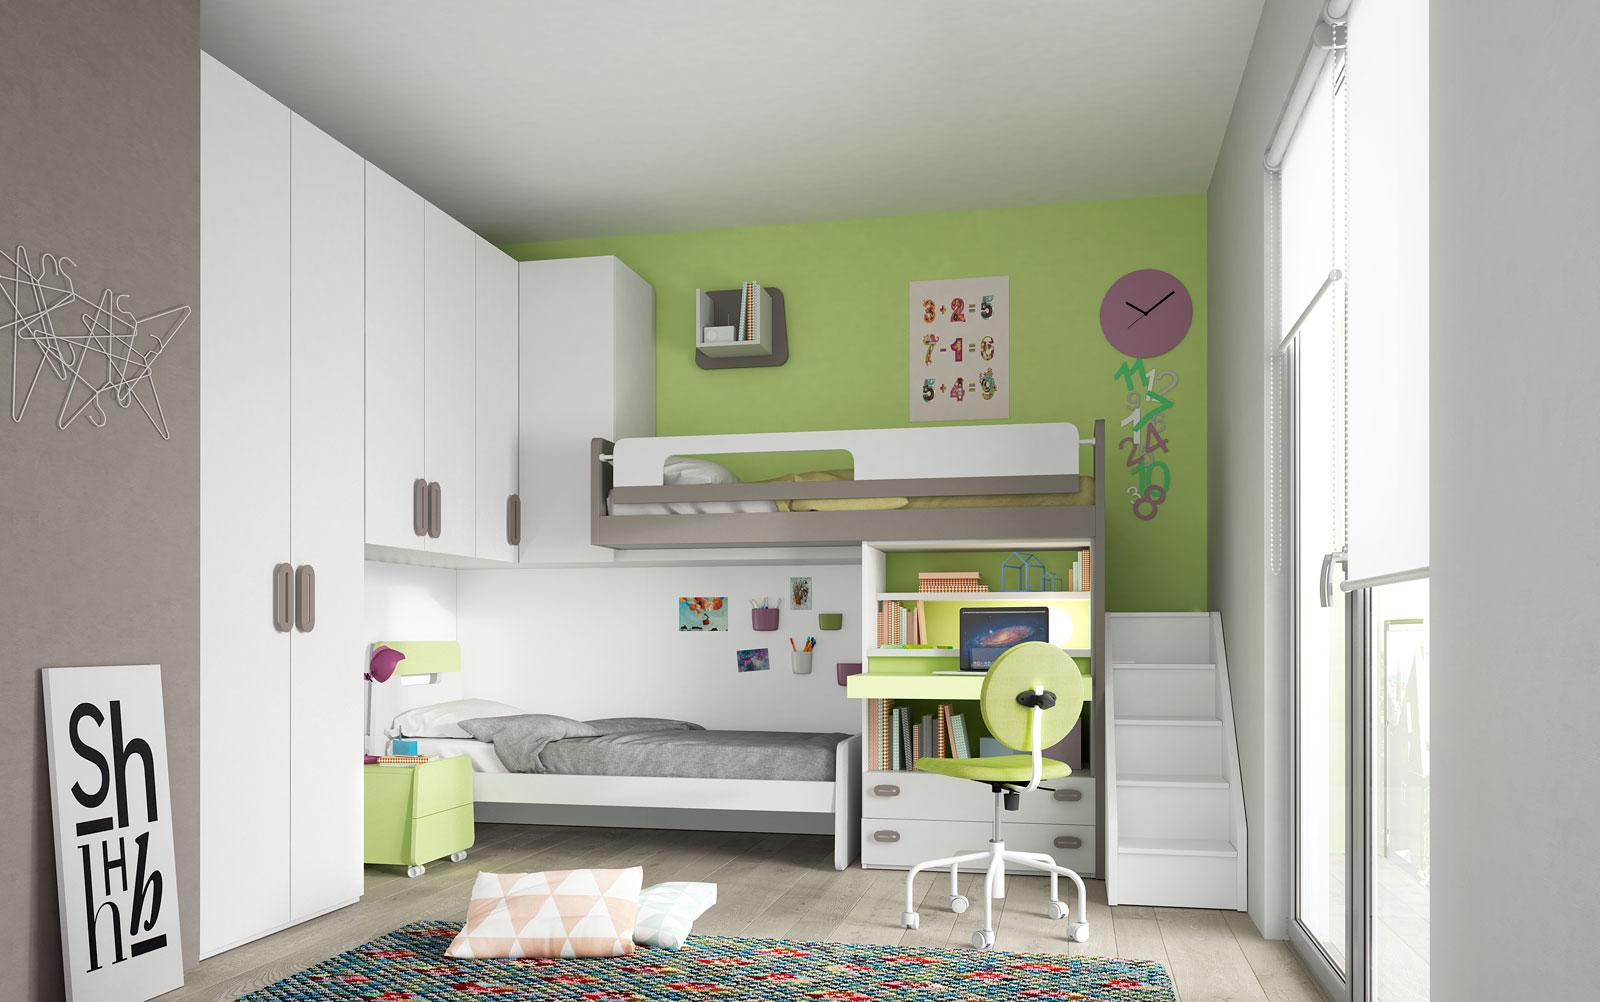 Camerette salvaspazio 2 letti camerette ponte mondo - Ikea bari camerette ...